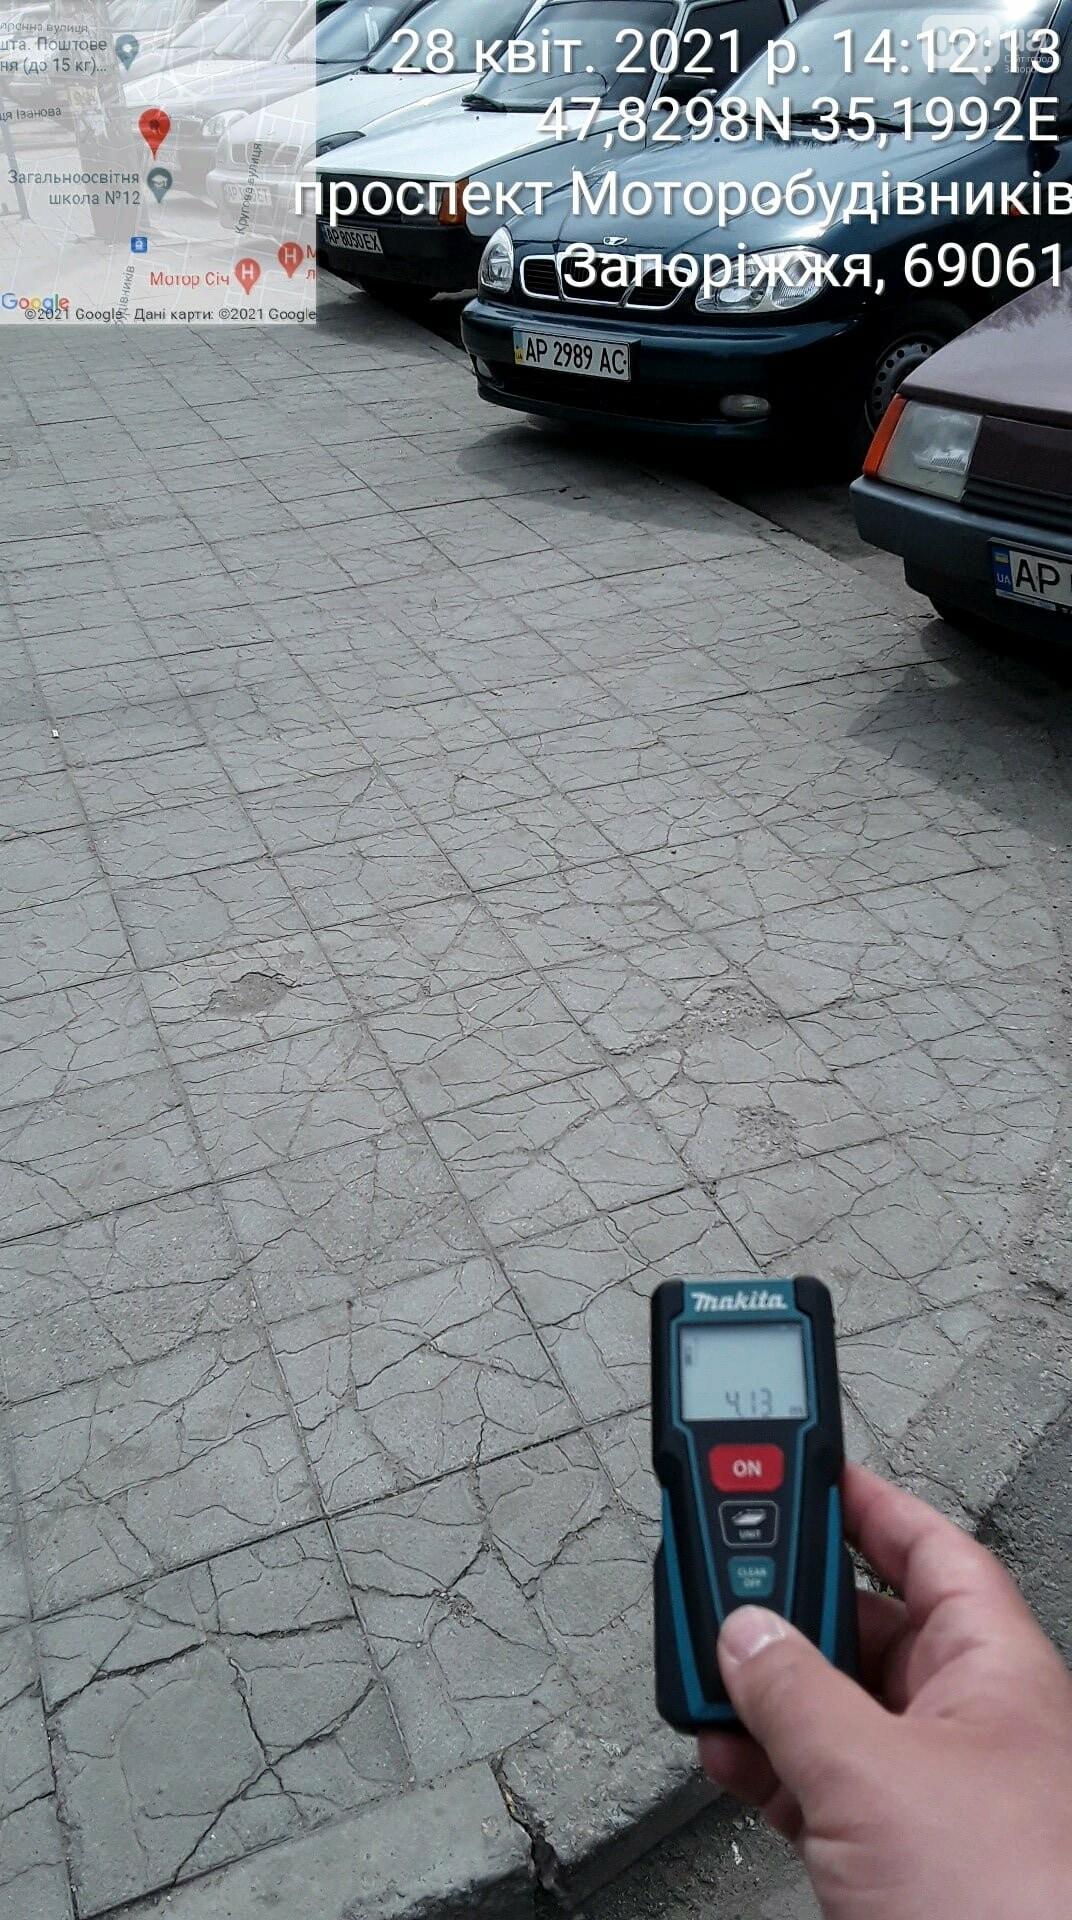 В Запорожье инспекторы по парковке дважды за полчаса оштрафовали один и тот же автомобиль, фото-4